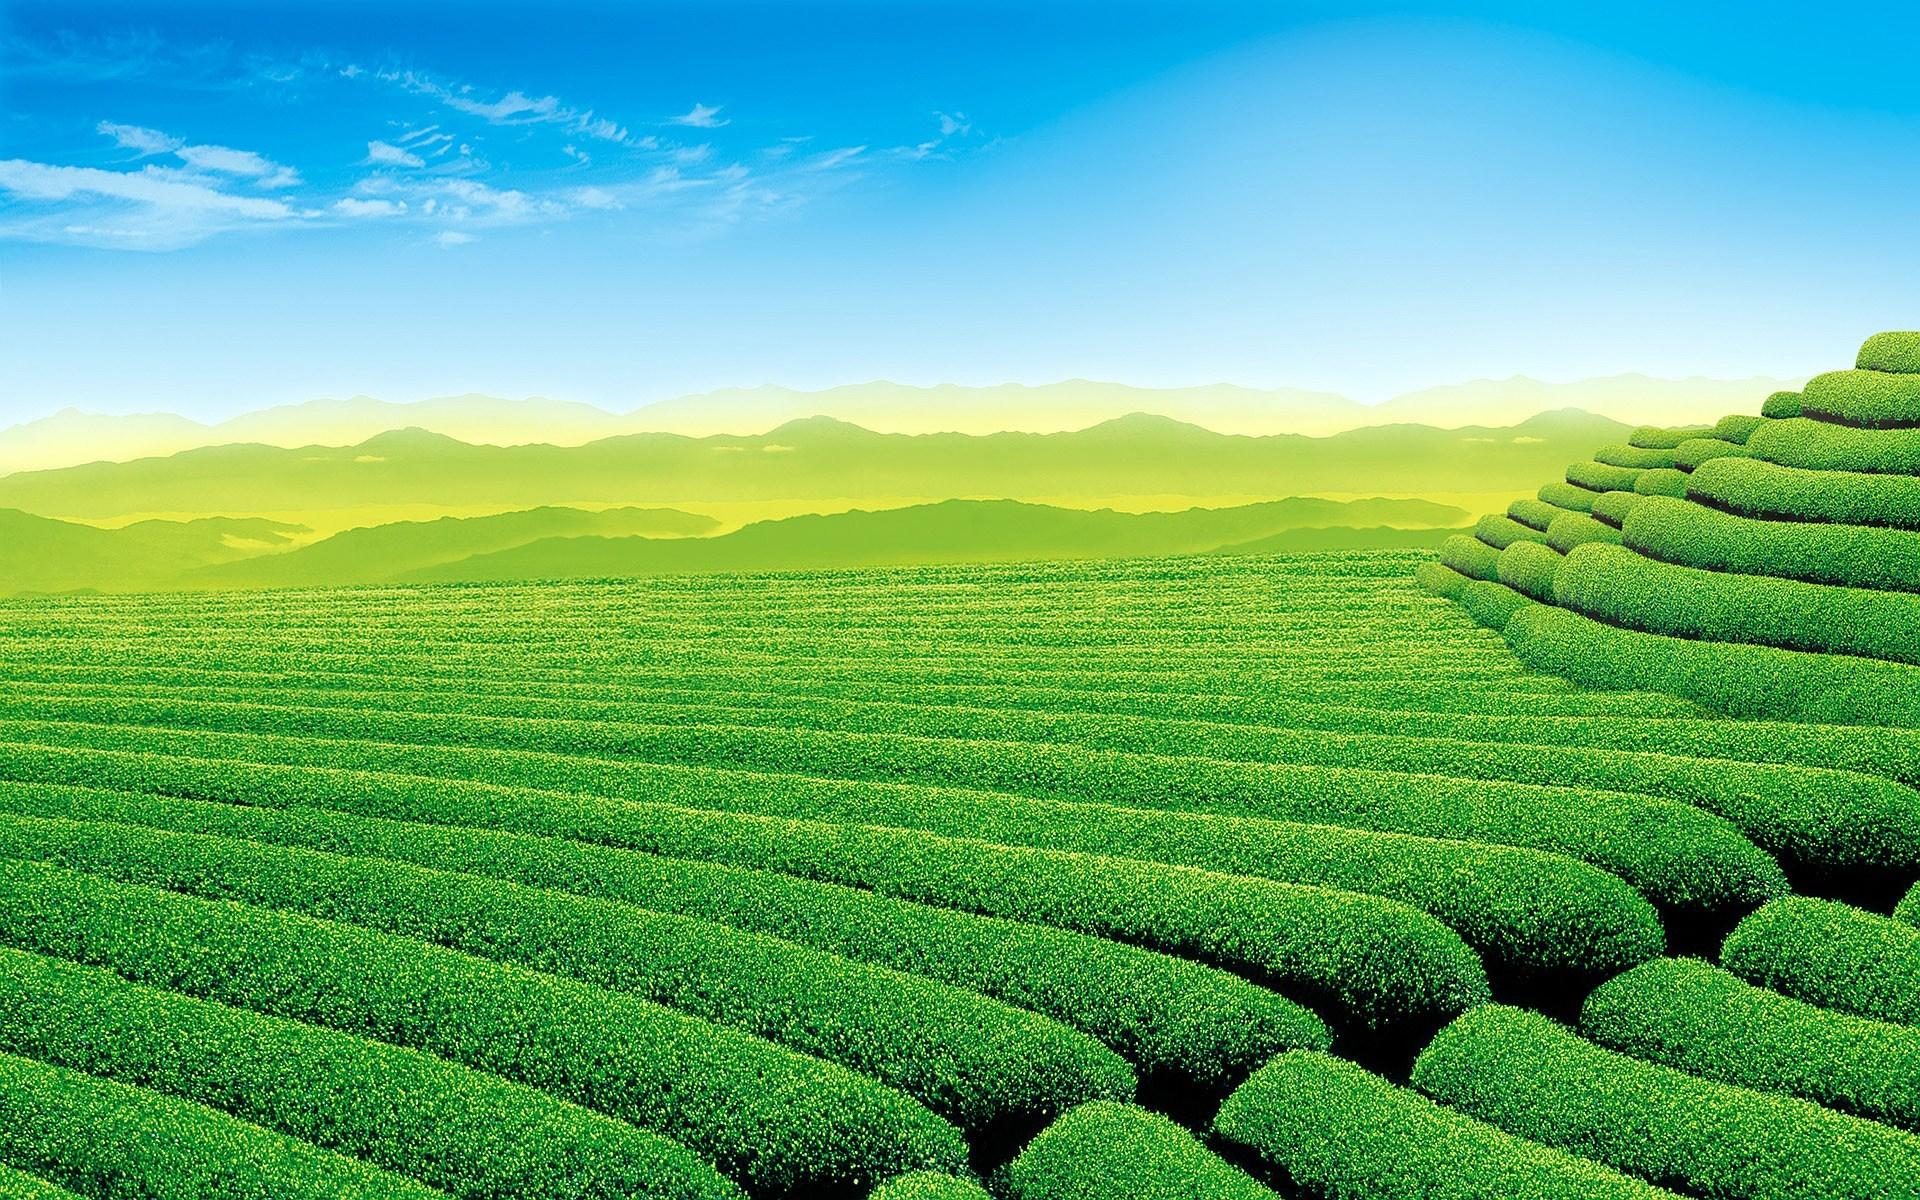 Nature Made Green Tea